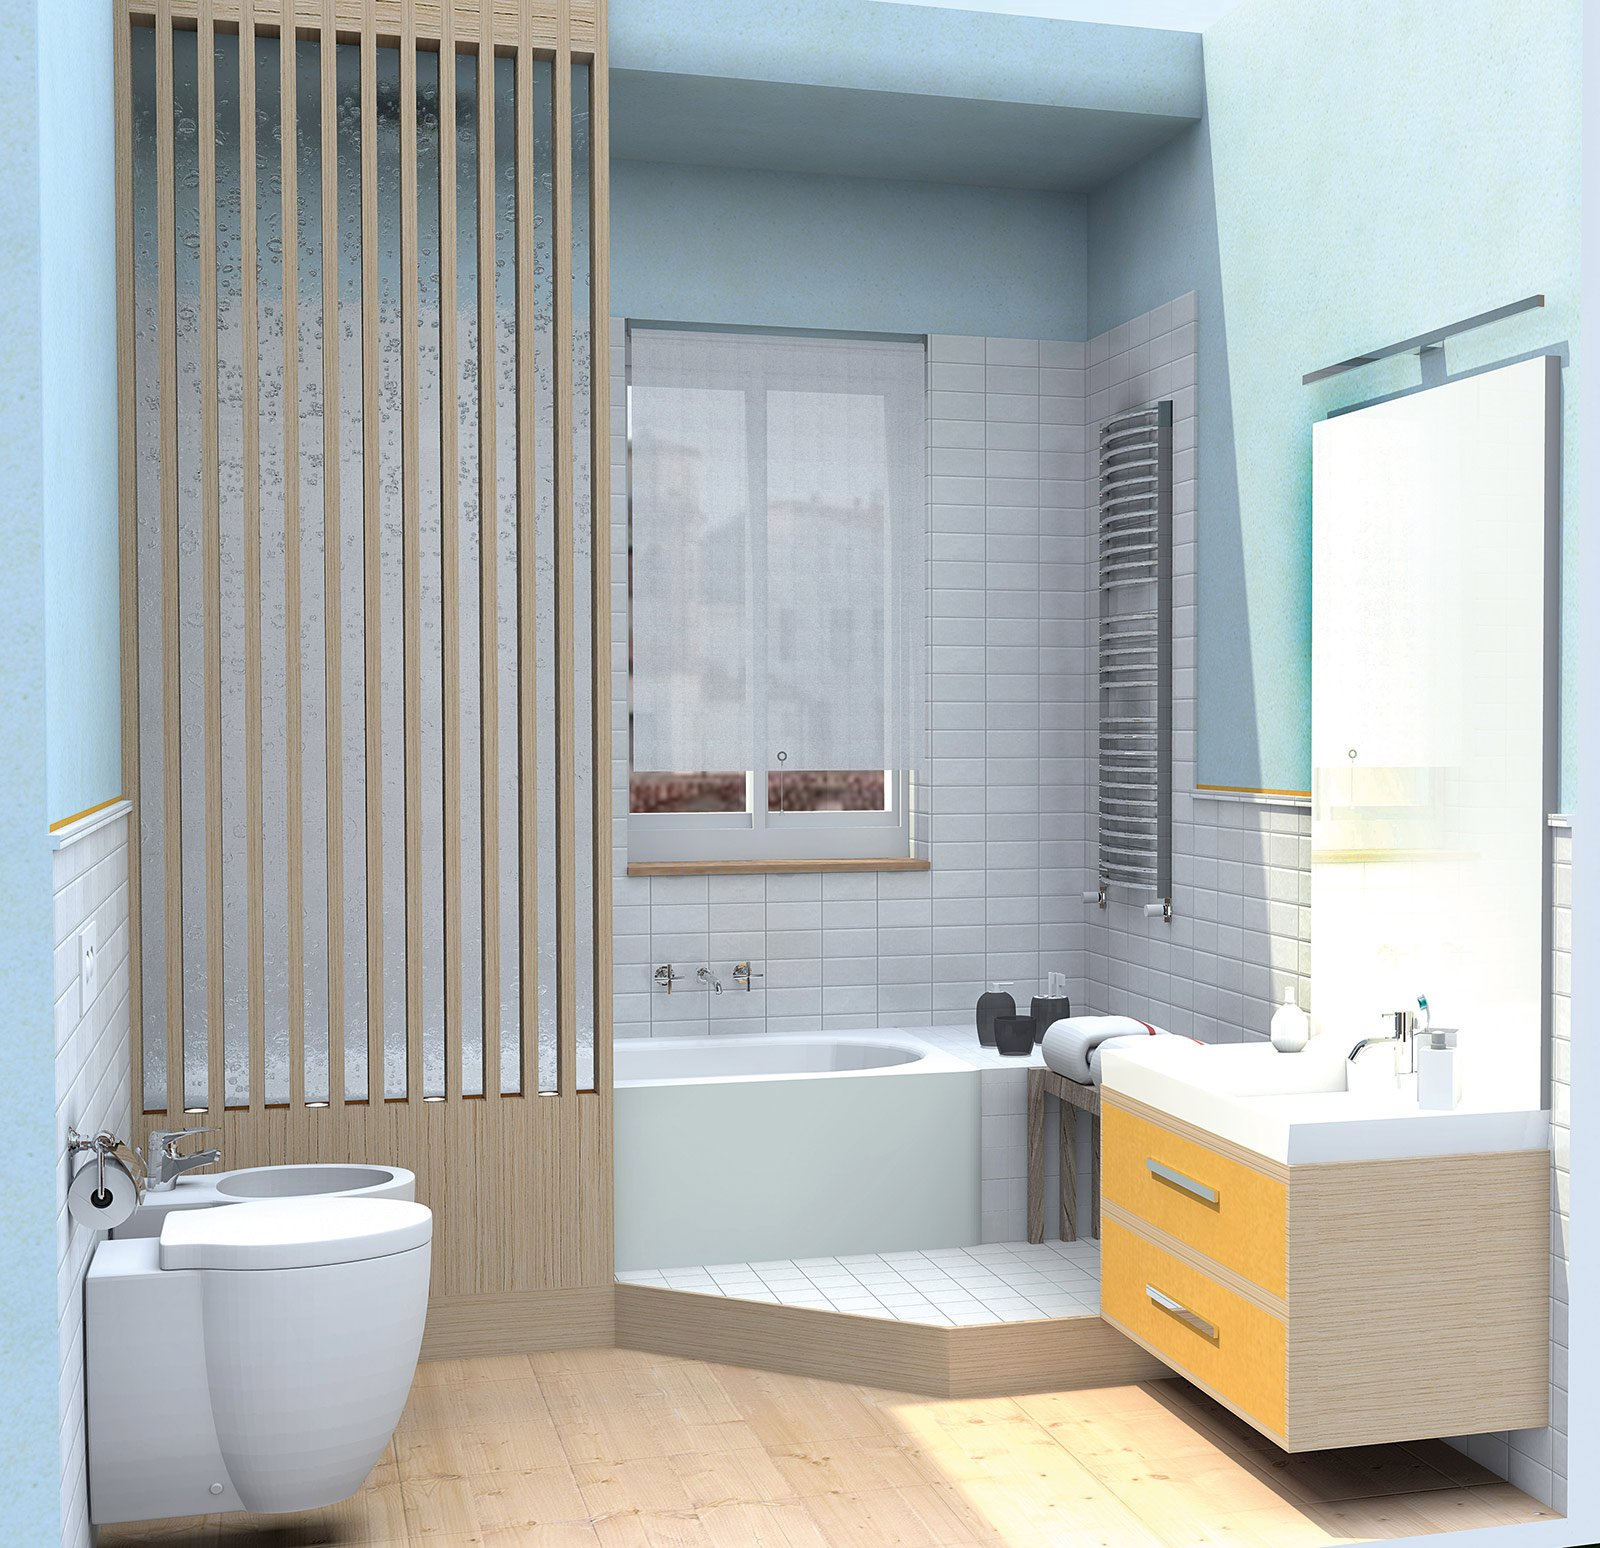 Bagno con pianta del progetto e costi dei lavori terza soluzione cose di casa for Costi vasche da bagno